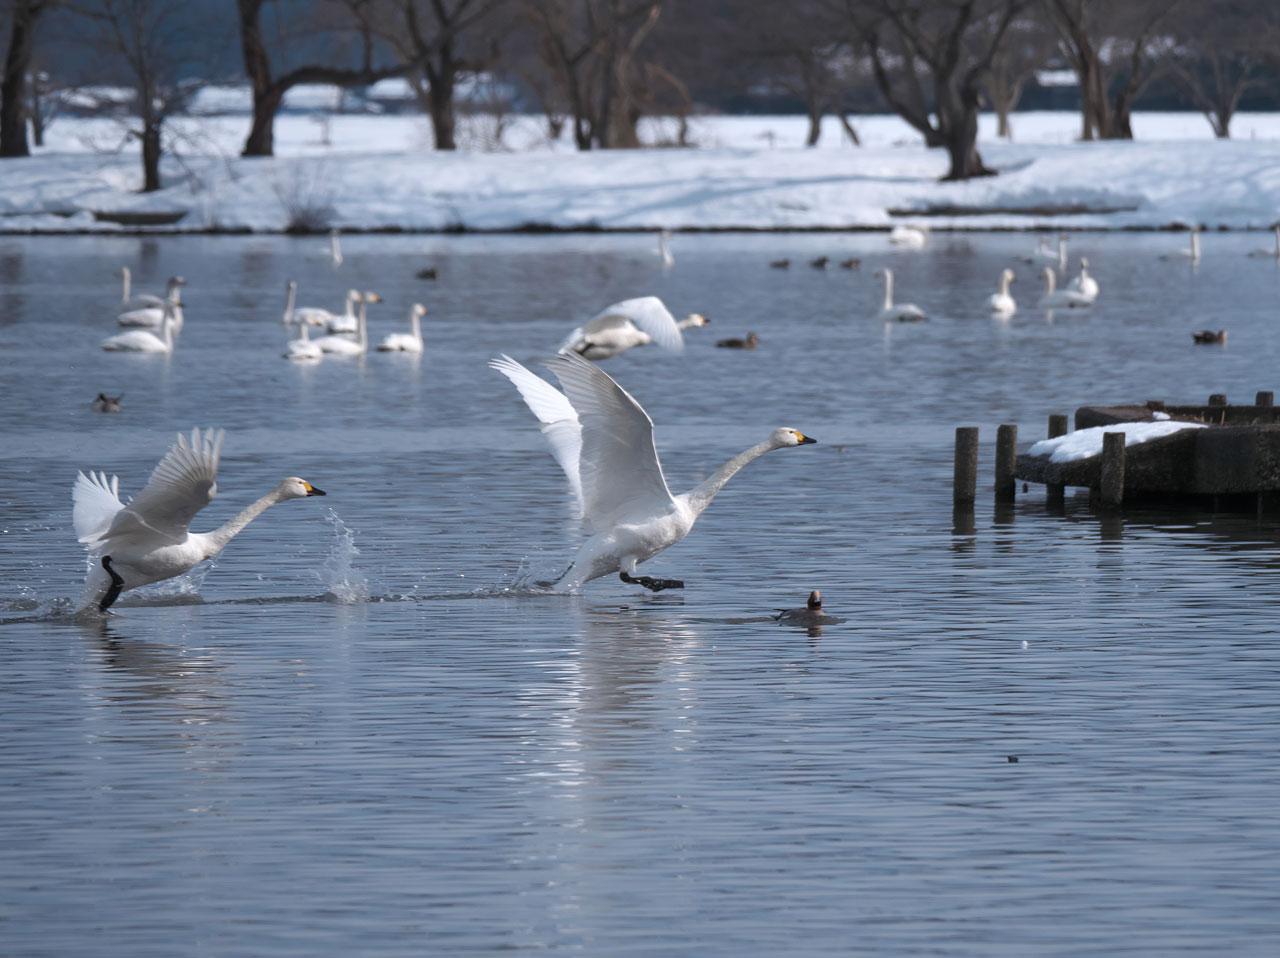 瓢湖の白鳥1:LUMIX DMC-G99+LEICA DG VARIO-ELMAR 100-400mm/F4.0-6.3 ASPH./POWER O.I.S. H-RS100400